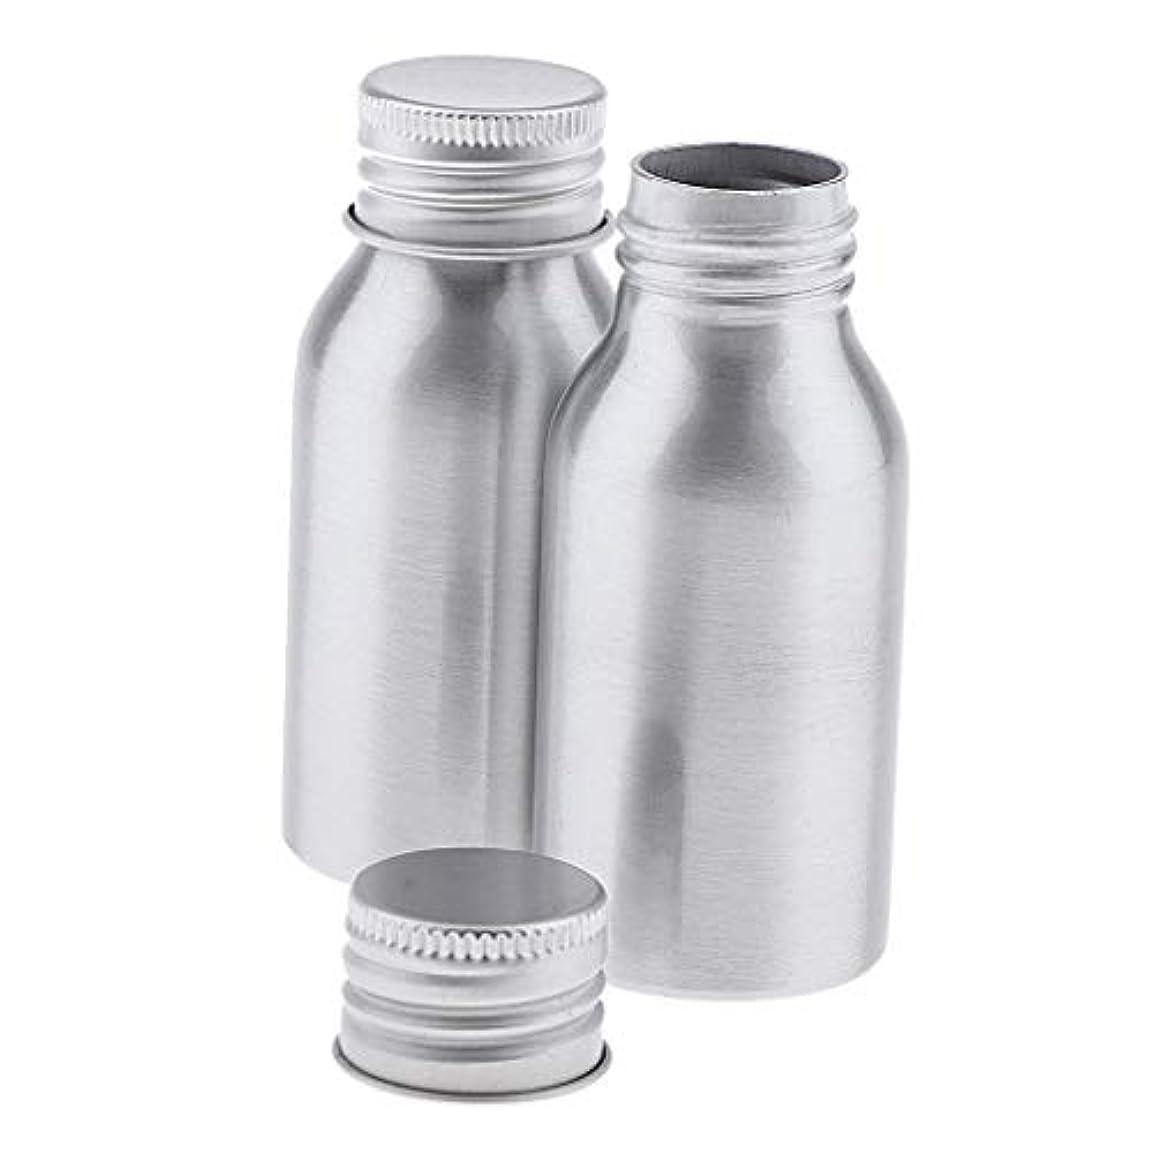 ボス弱点ベットSharplace アルミボトル 40ml DIY コスメ用詰替え容器 旅行 化粧ボトル 2本入り